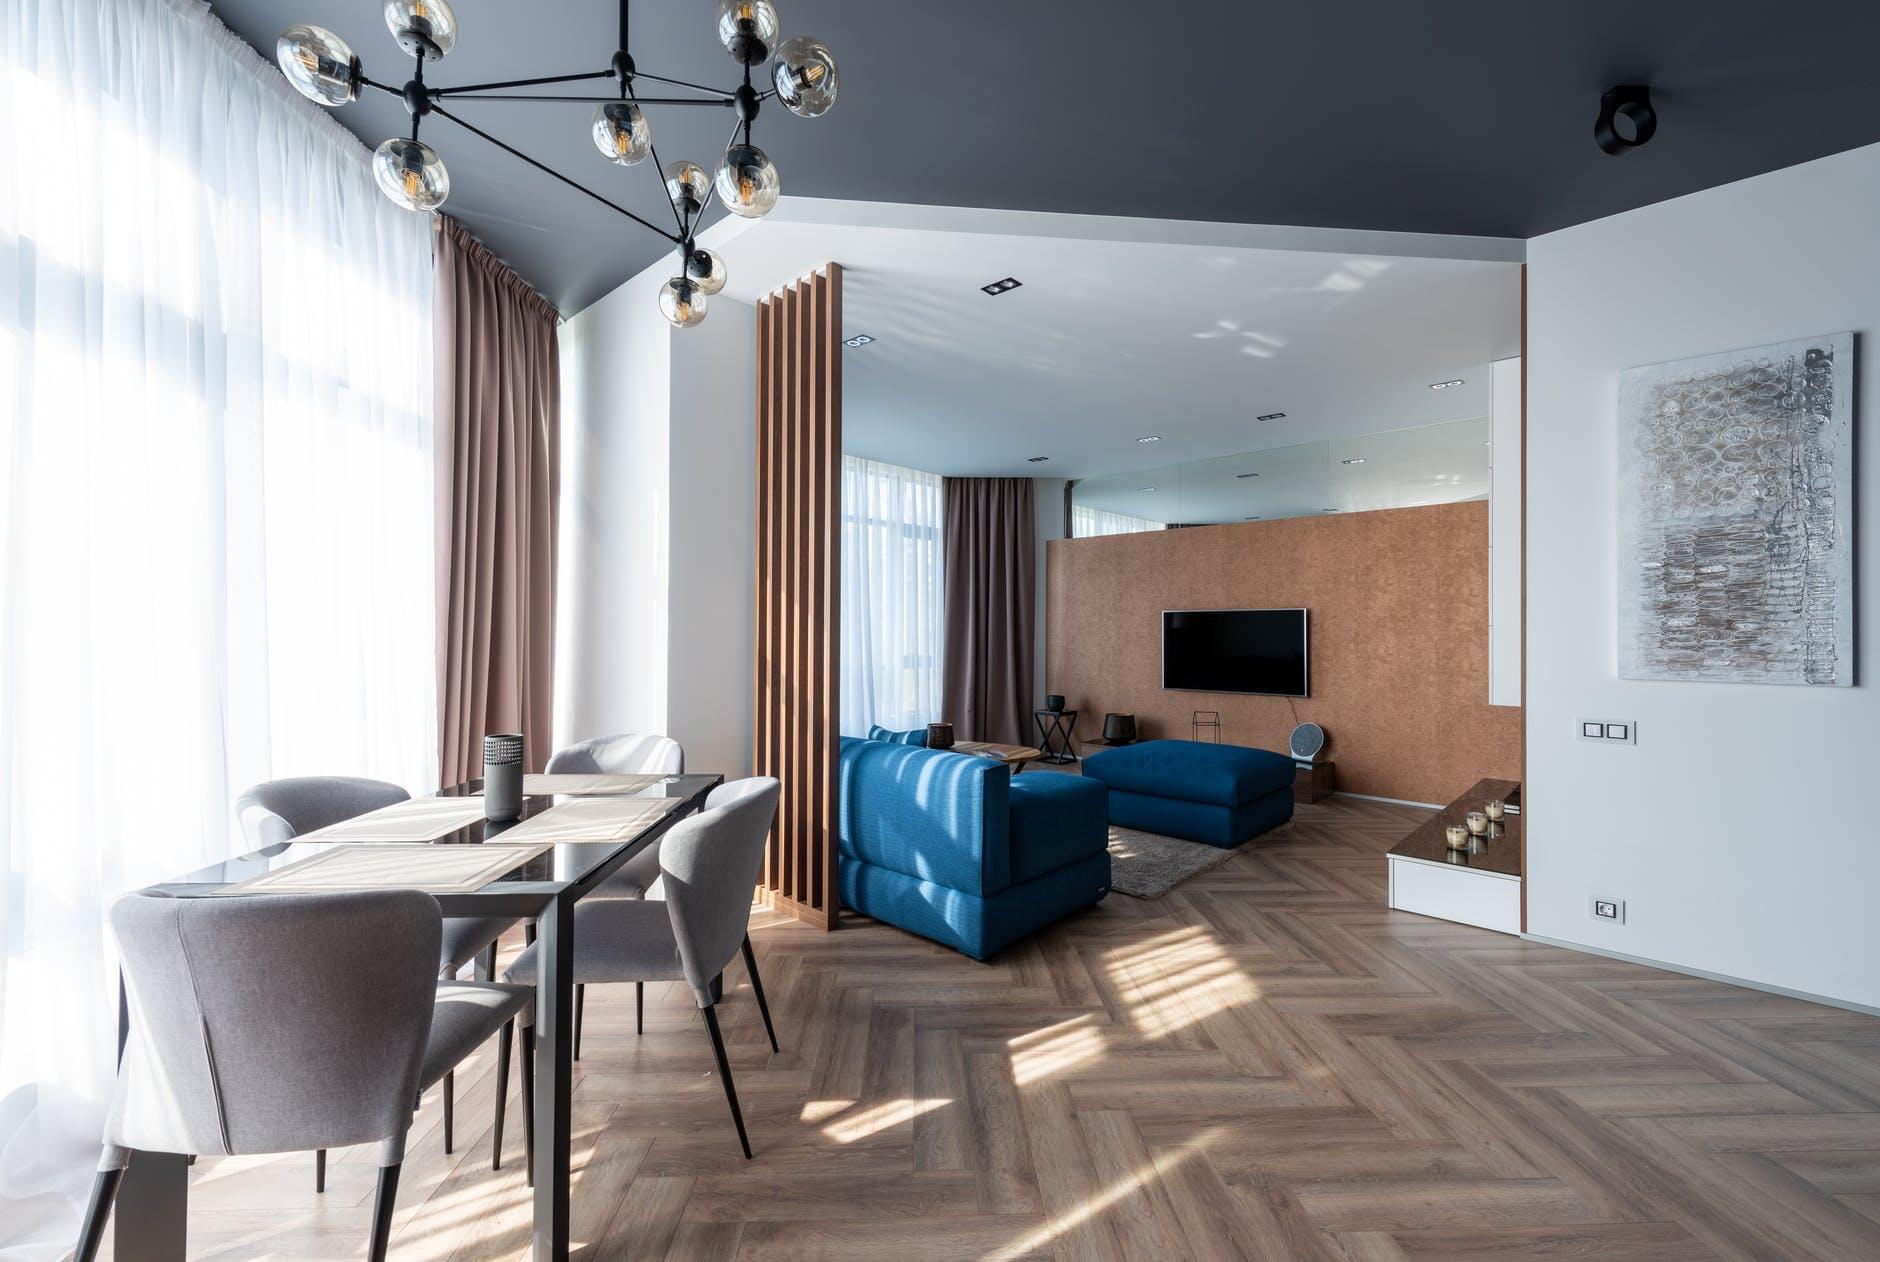 Créer séparation (cloison) dans un appartement.